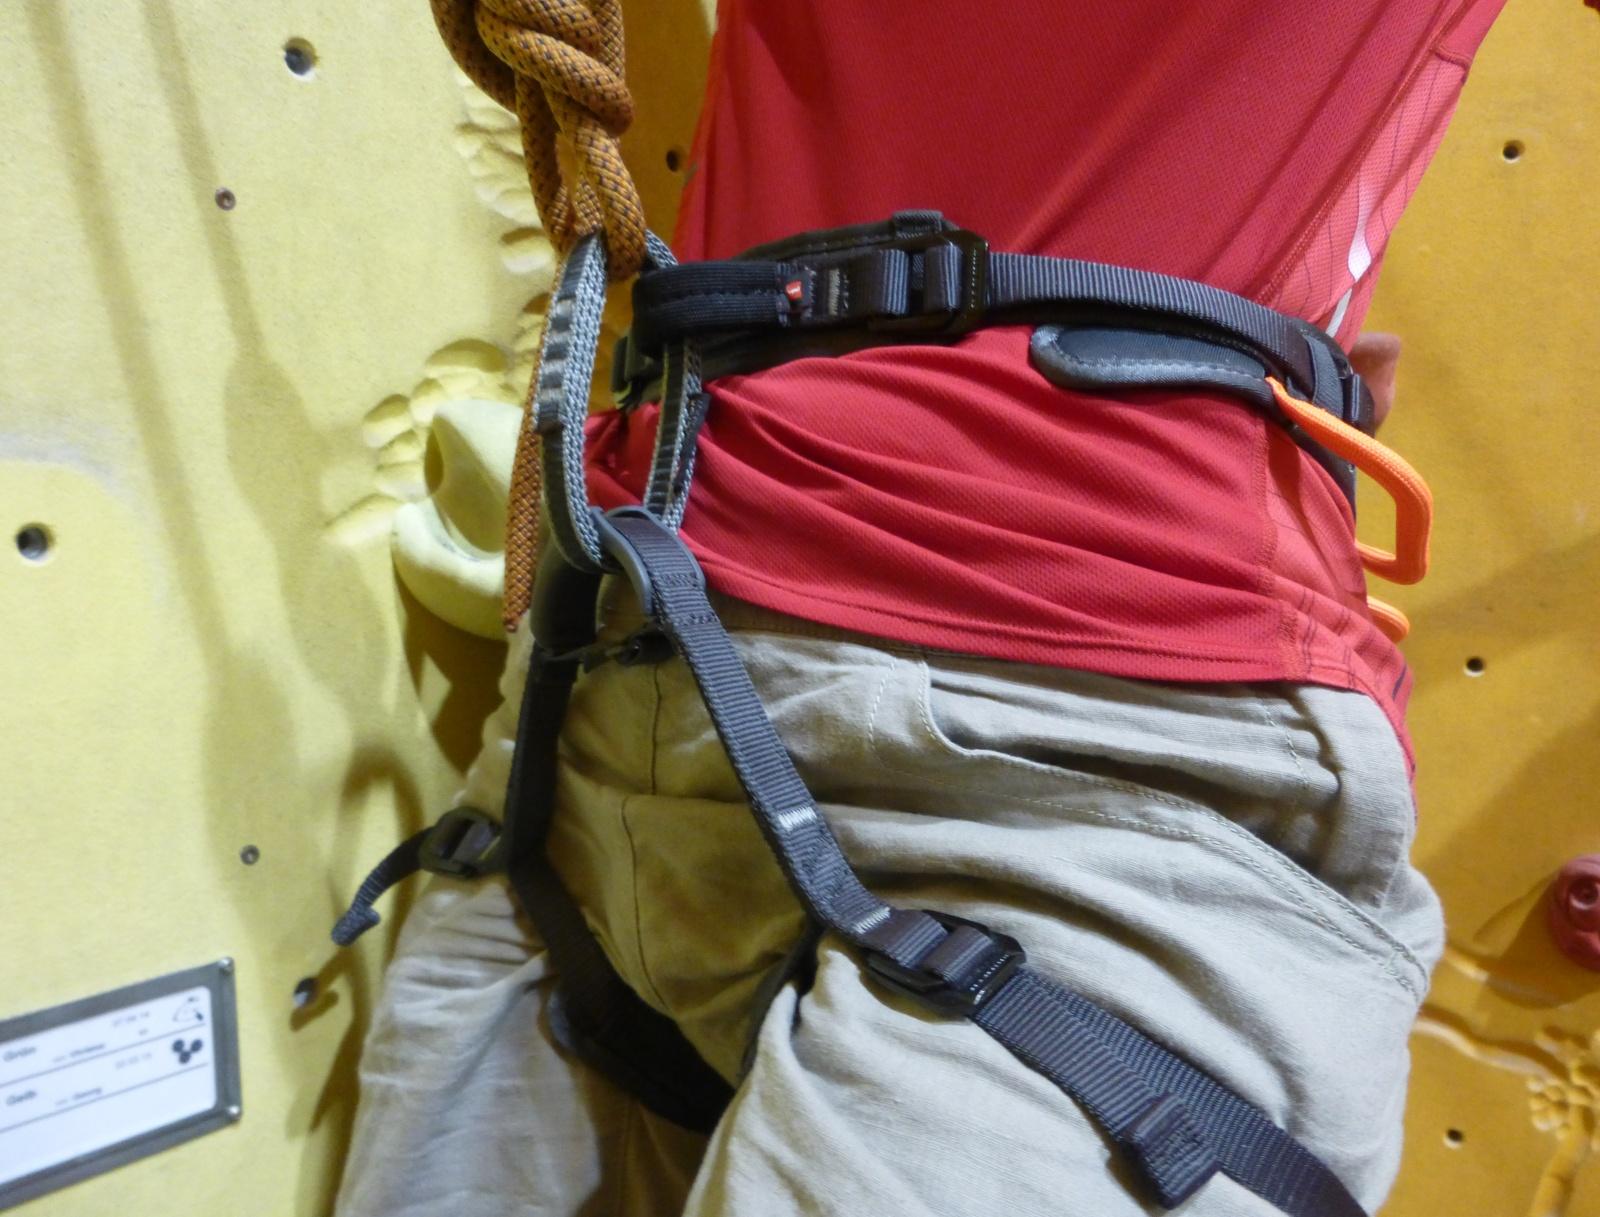 Klettergurt Materialschlaufen : Test klettergurt ophir slide von mammut modell